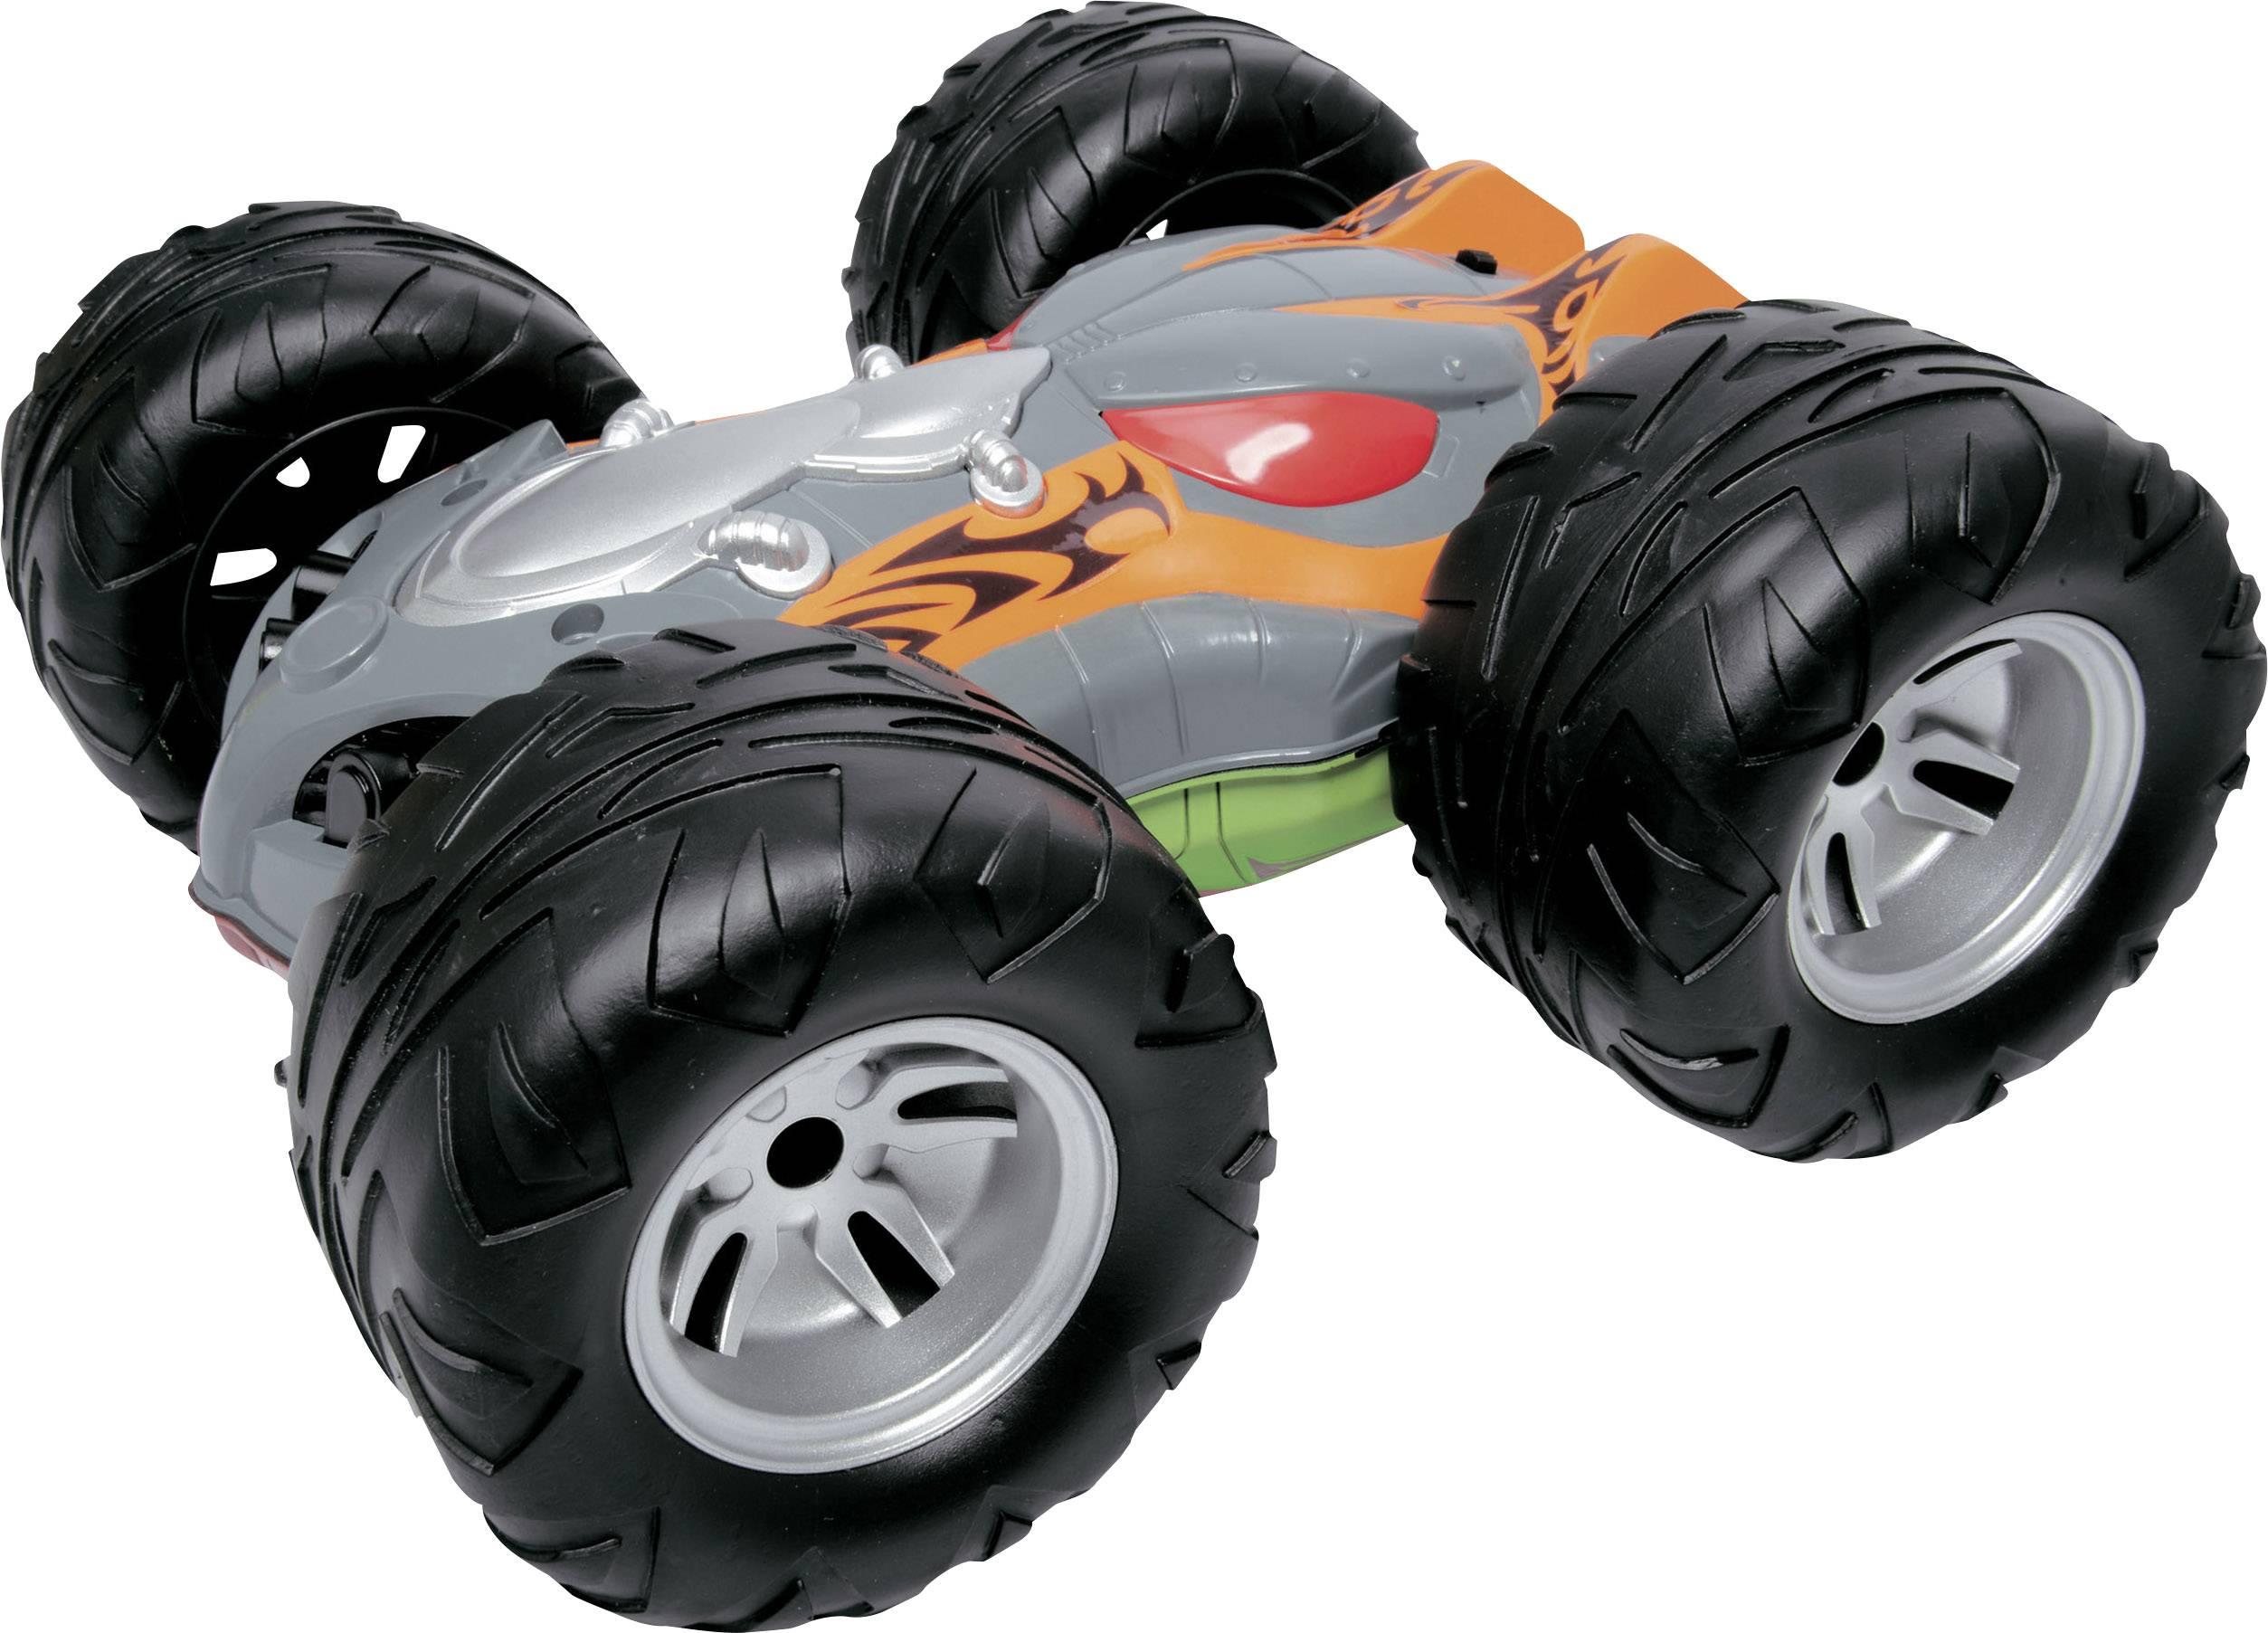 Modish Model samochodu RC Dickie Toys Wild Flippy, 1:14, Elektryczny, 250 FT01